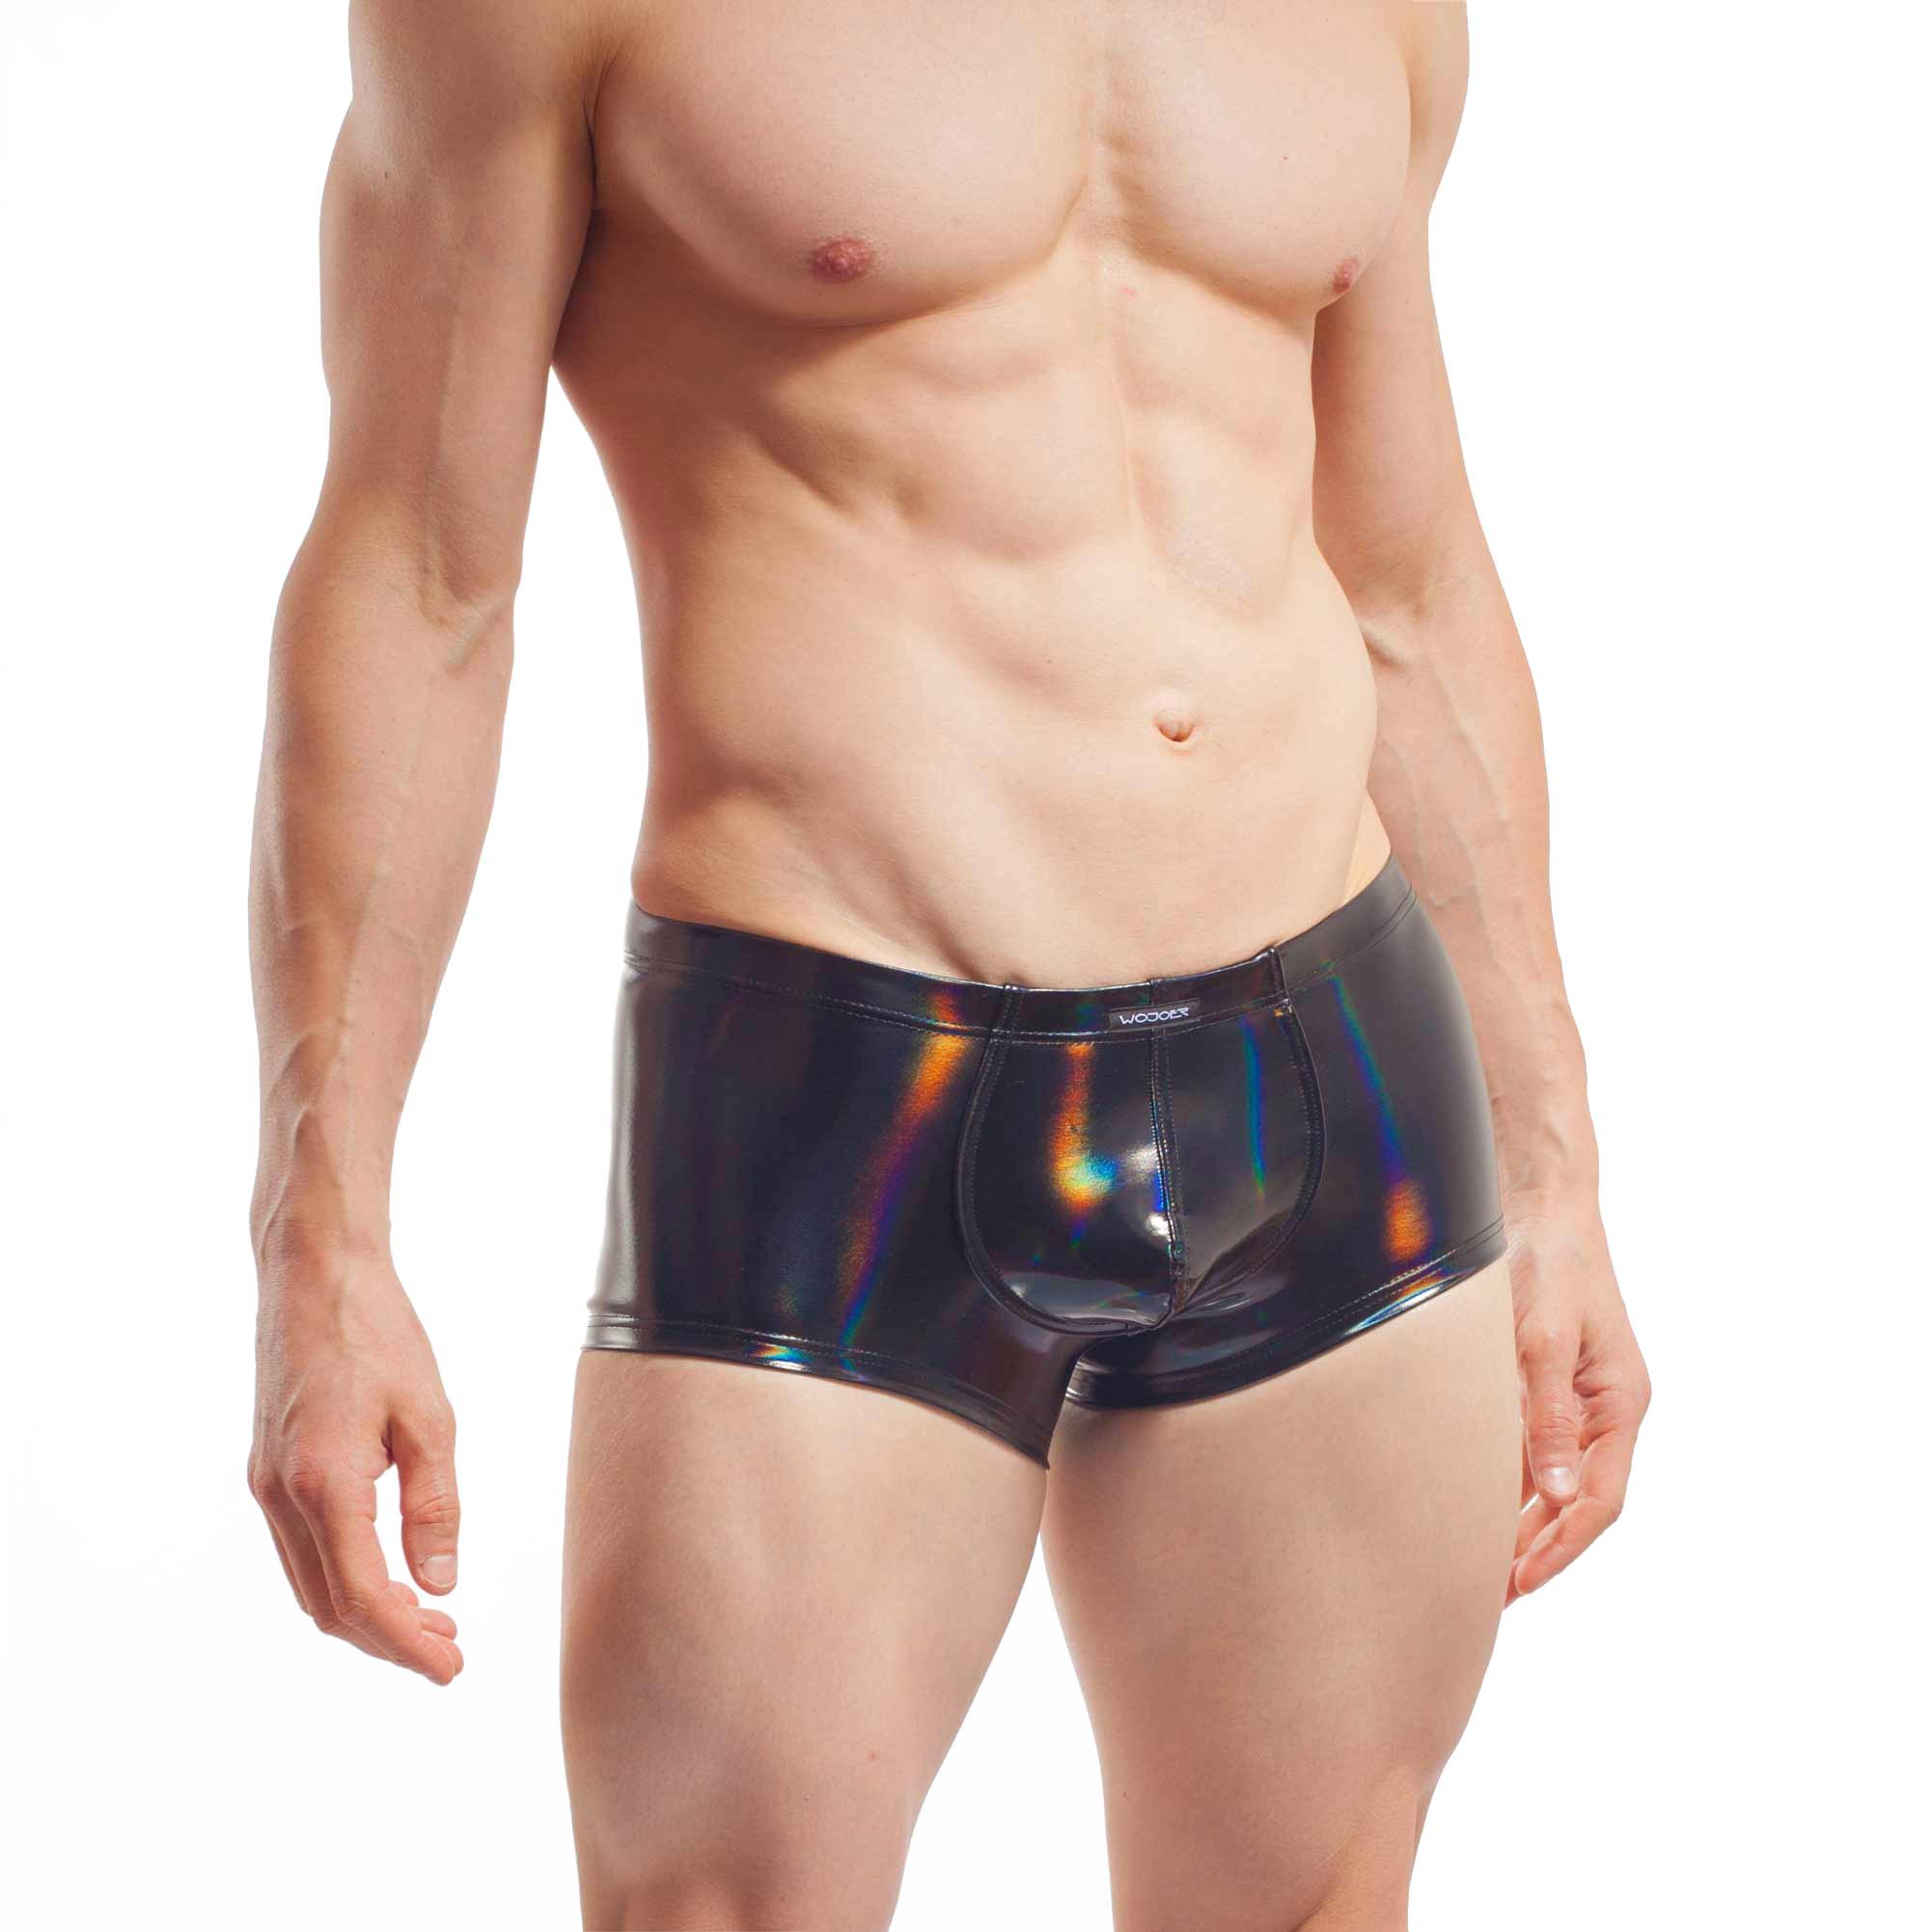 Die Holo Pants holographische Lack Pants 351D426 gehört in die Life-Produktion. Das heißt er wird auf Bestellung produziert und kann so auch individuell bearbeitet werden. Größen Erhältlich in den Größen S, M, L, XL Materialzusammensetzung leicht denhbarer Lack: Polyester 70% Elasthan 3% Polyurethan Besonderheiten LIVE-Produkt |…